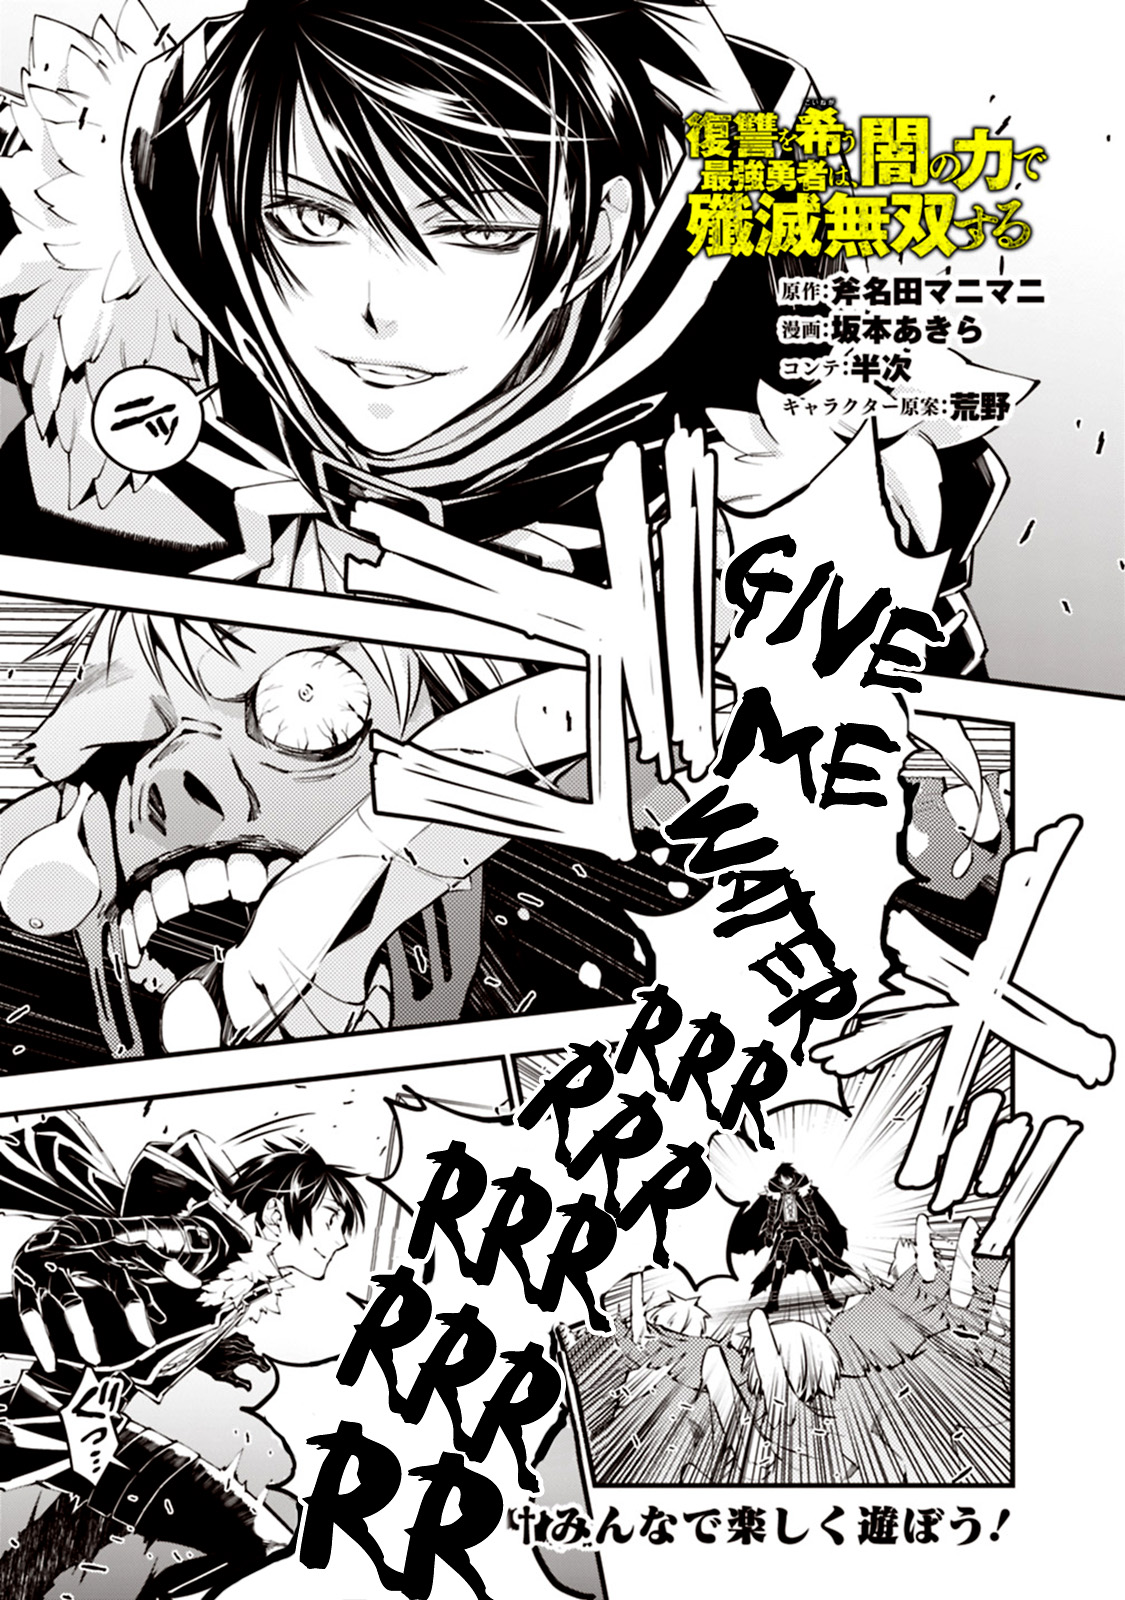 https://manga.mangadogs.com/comics/pic2/0/26176/1267355/5c11a4c4f713eba0d9643c2ea549afa3.jpg Page 1